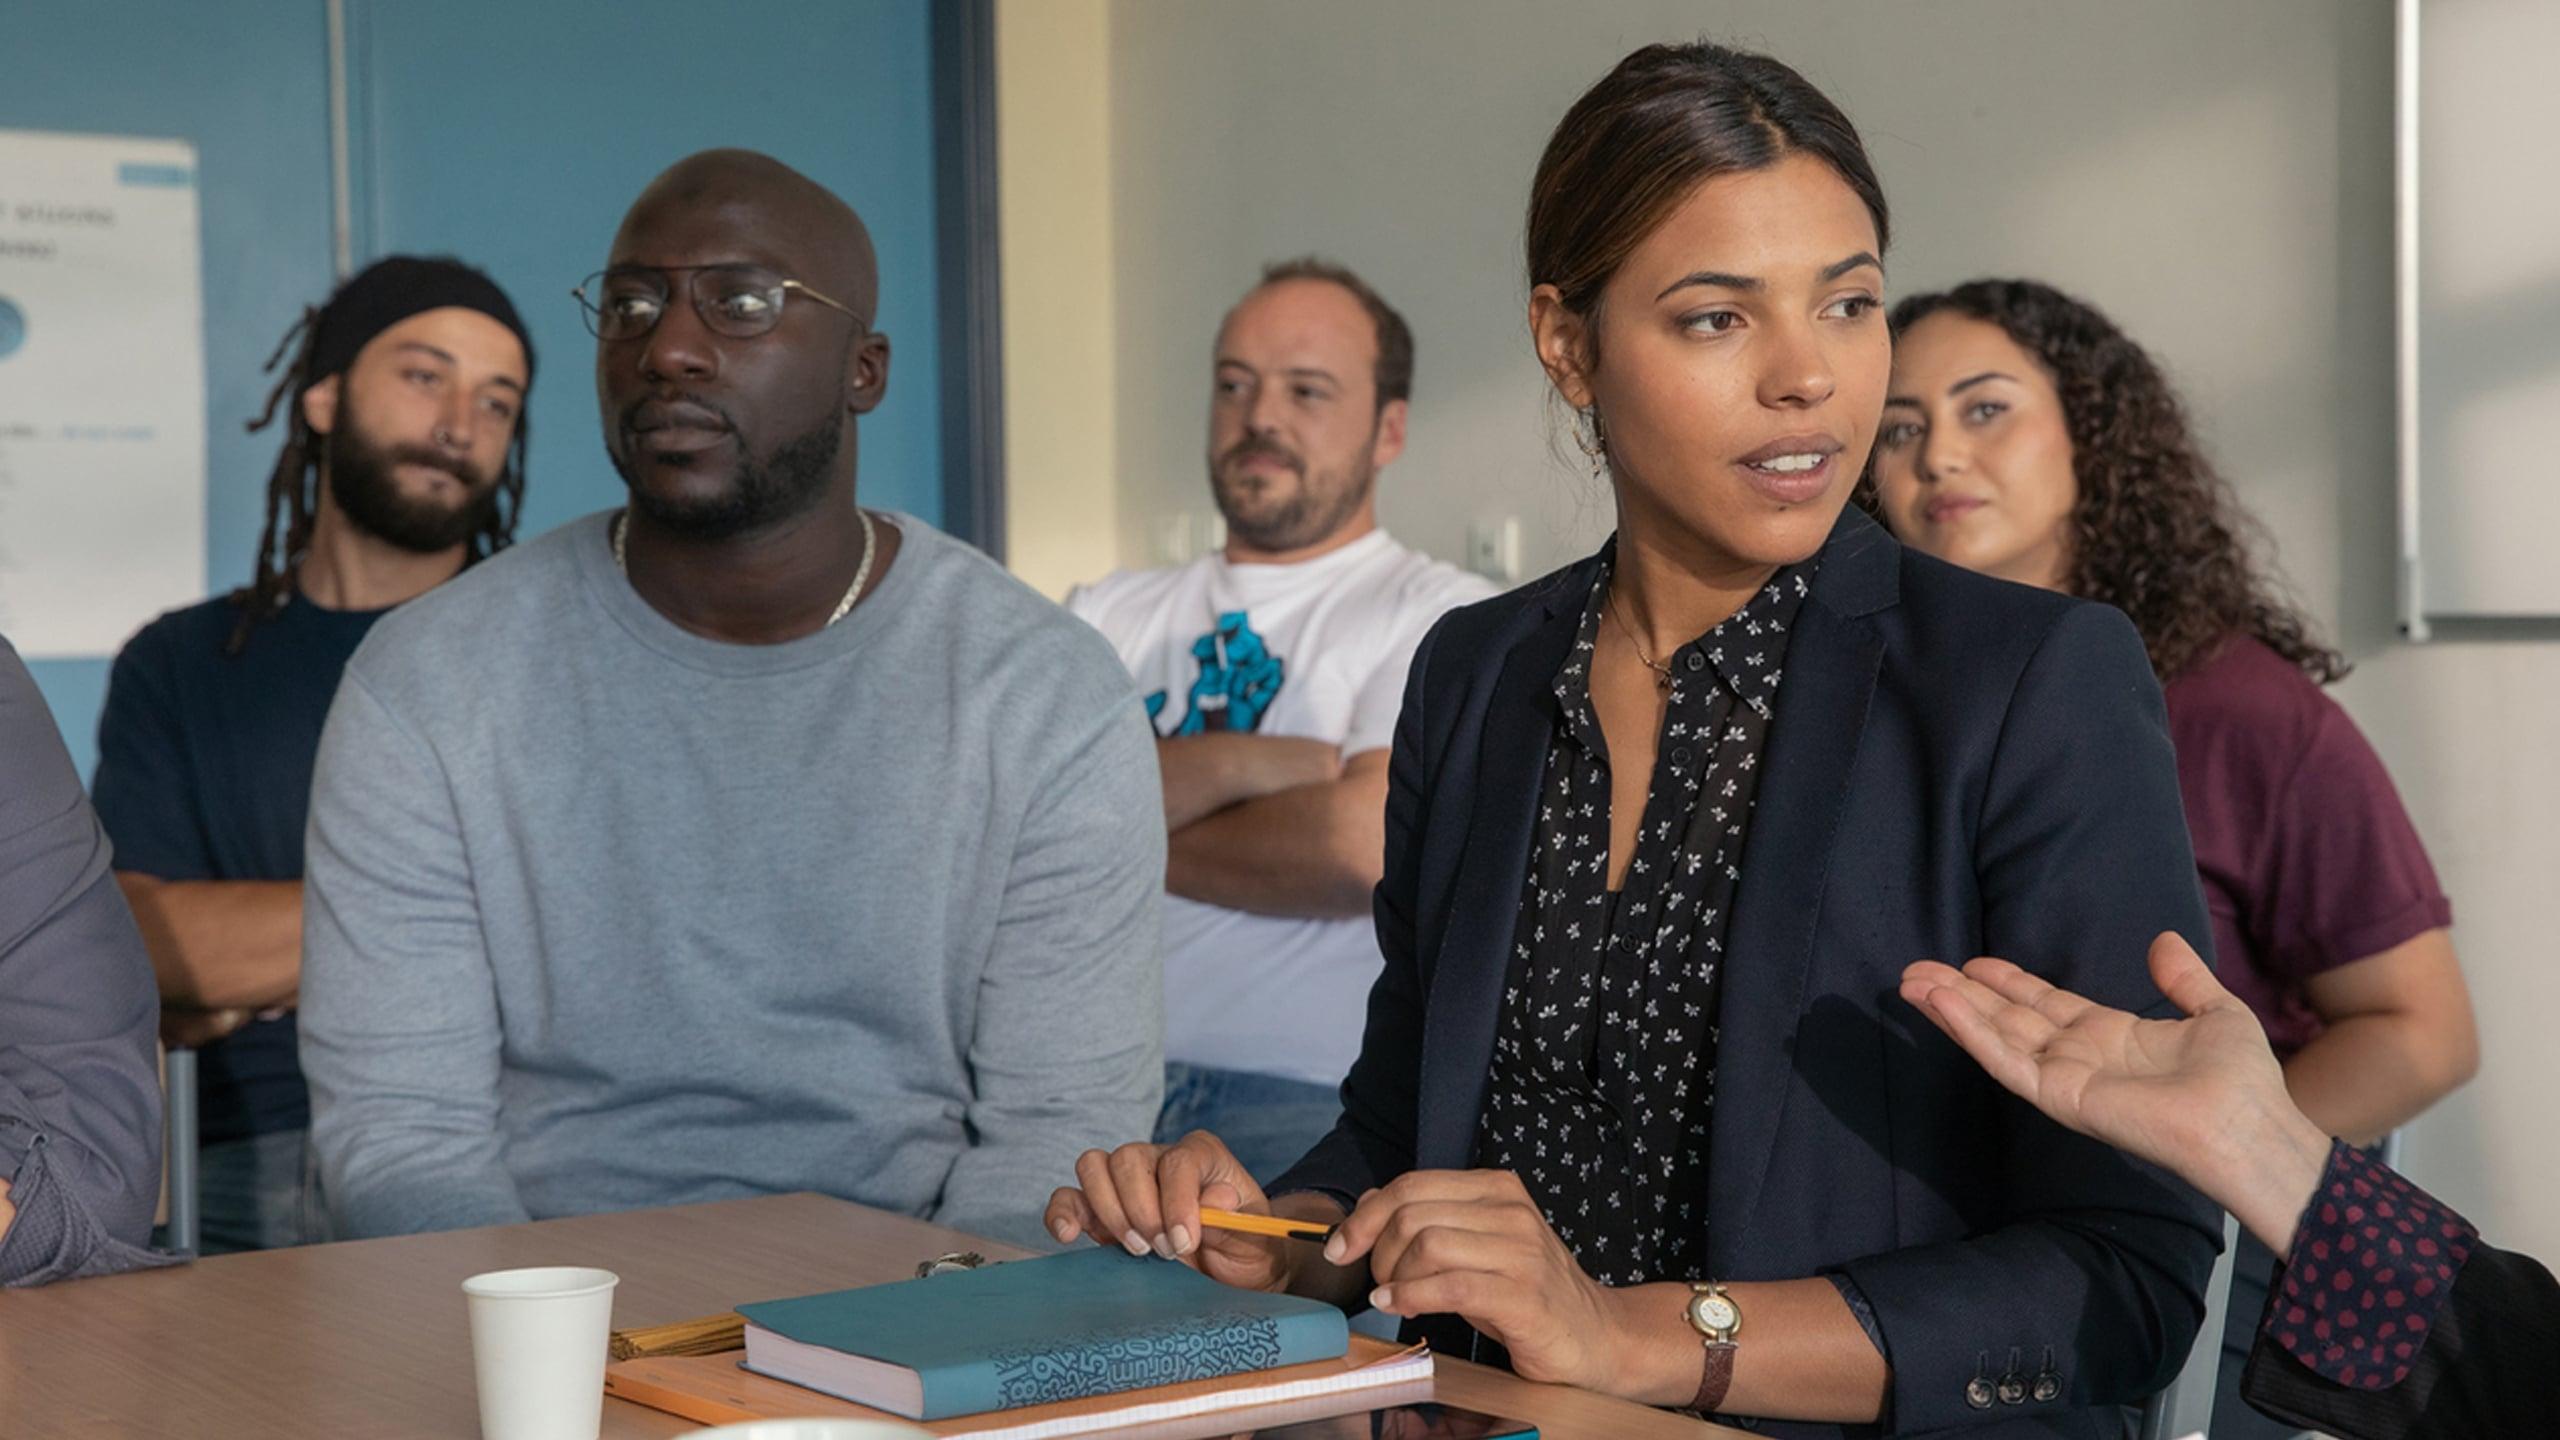 DESCARGAR Los profesores de Saint-Denis (2019) pelicula completa en español latino 1080p